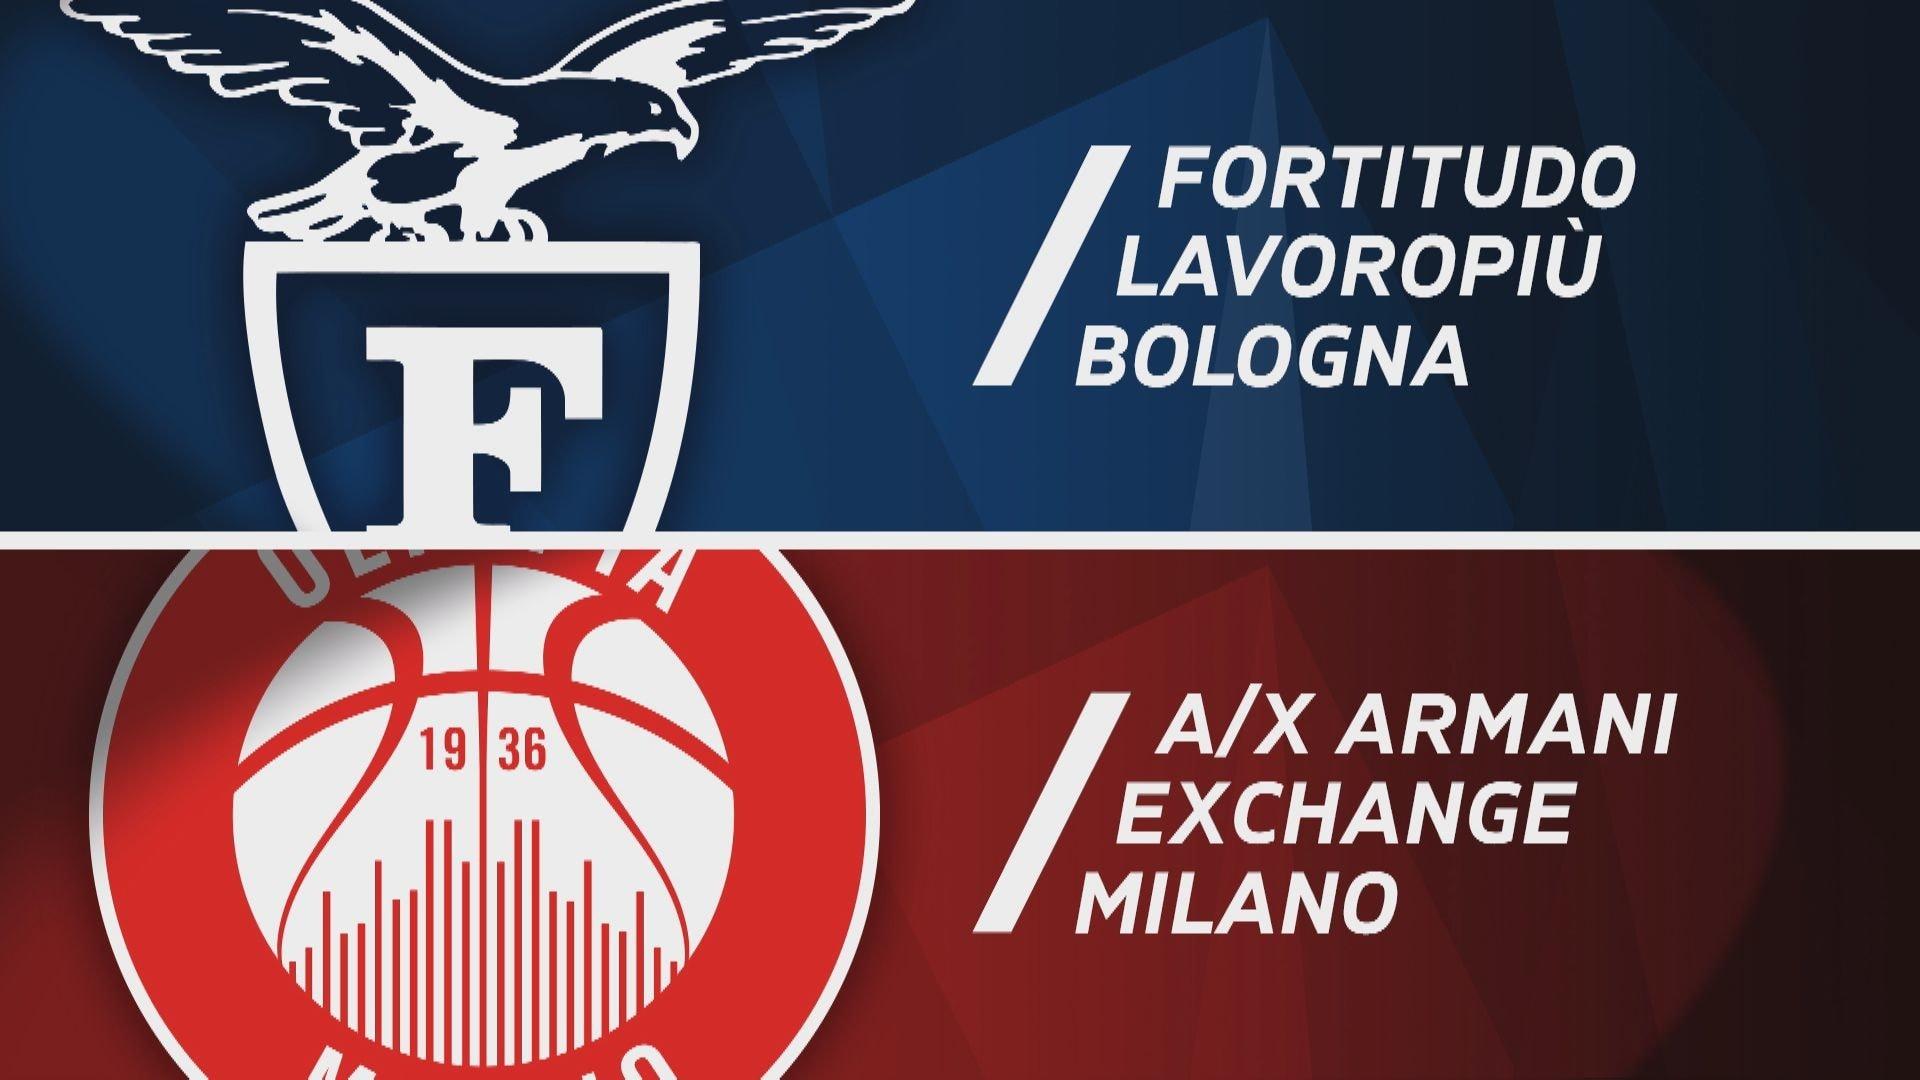 Fortitudo Lavoropiù Bologna - A|X Armani Exchange Milano 71-82